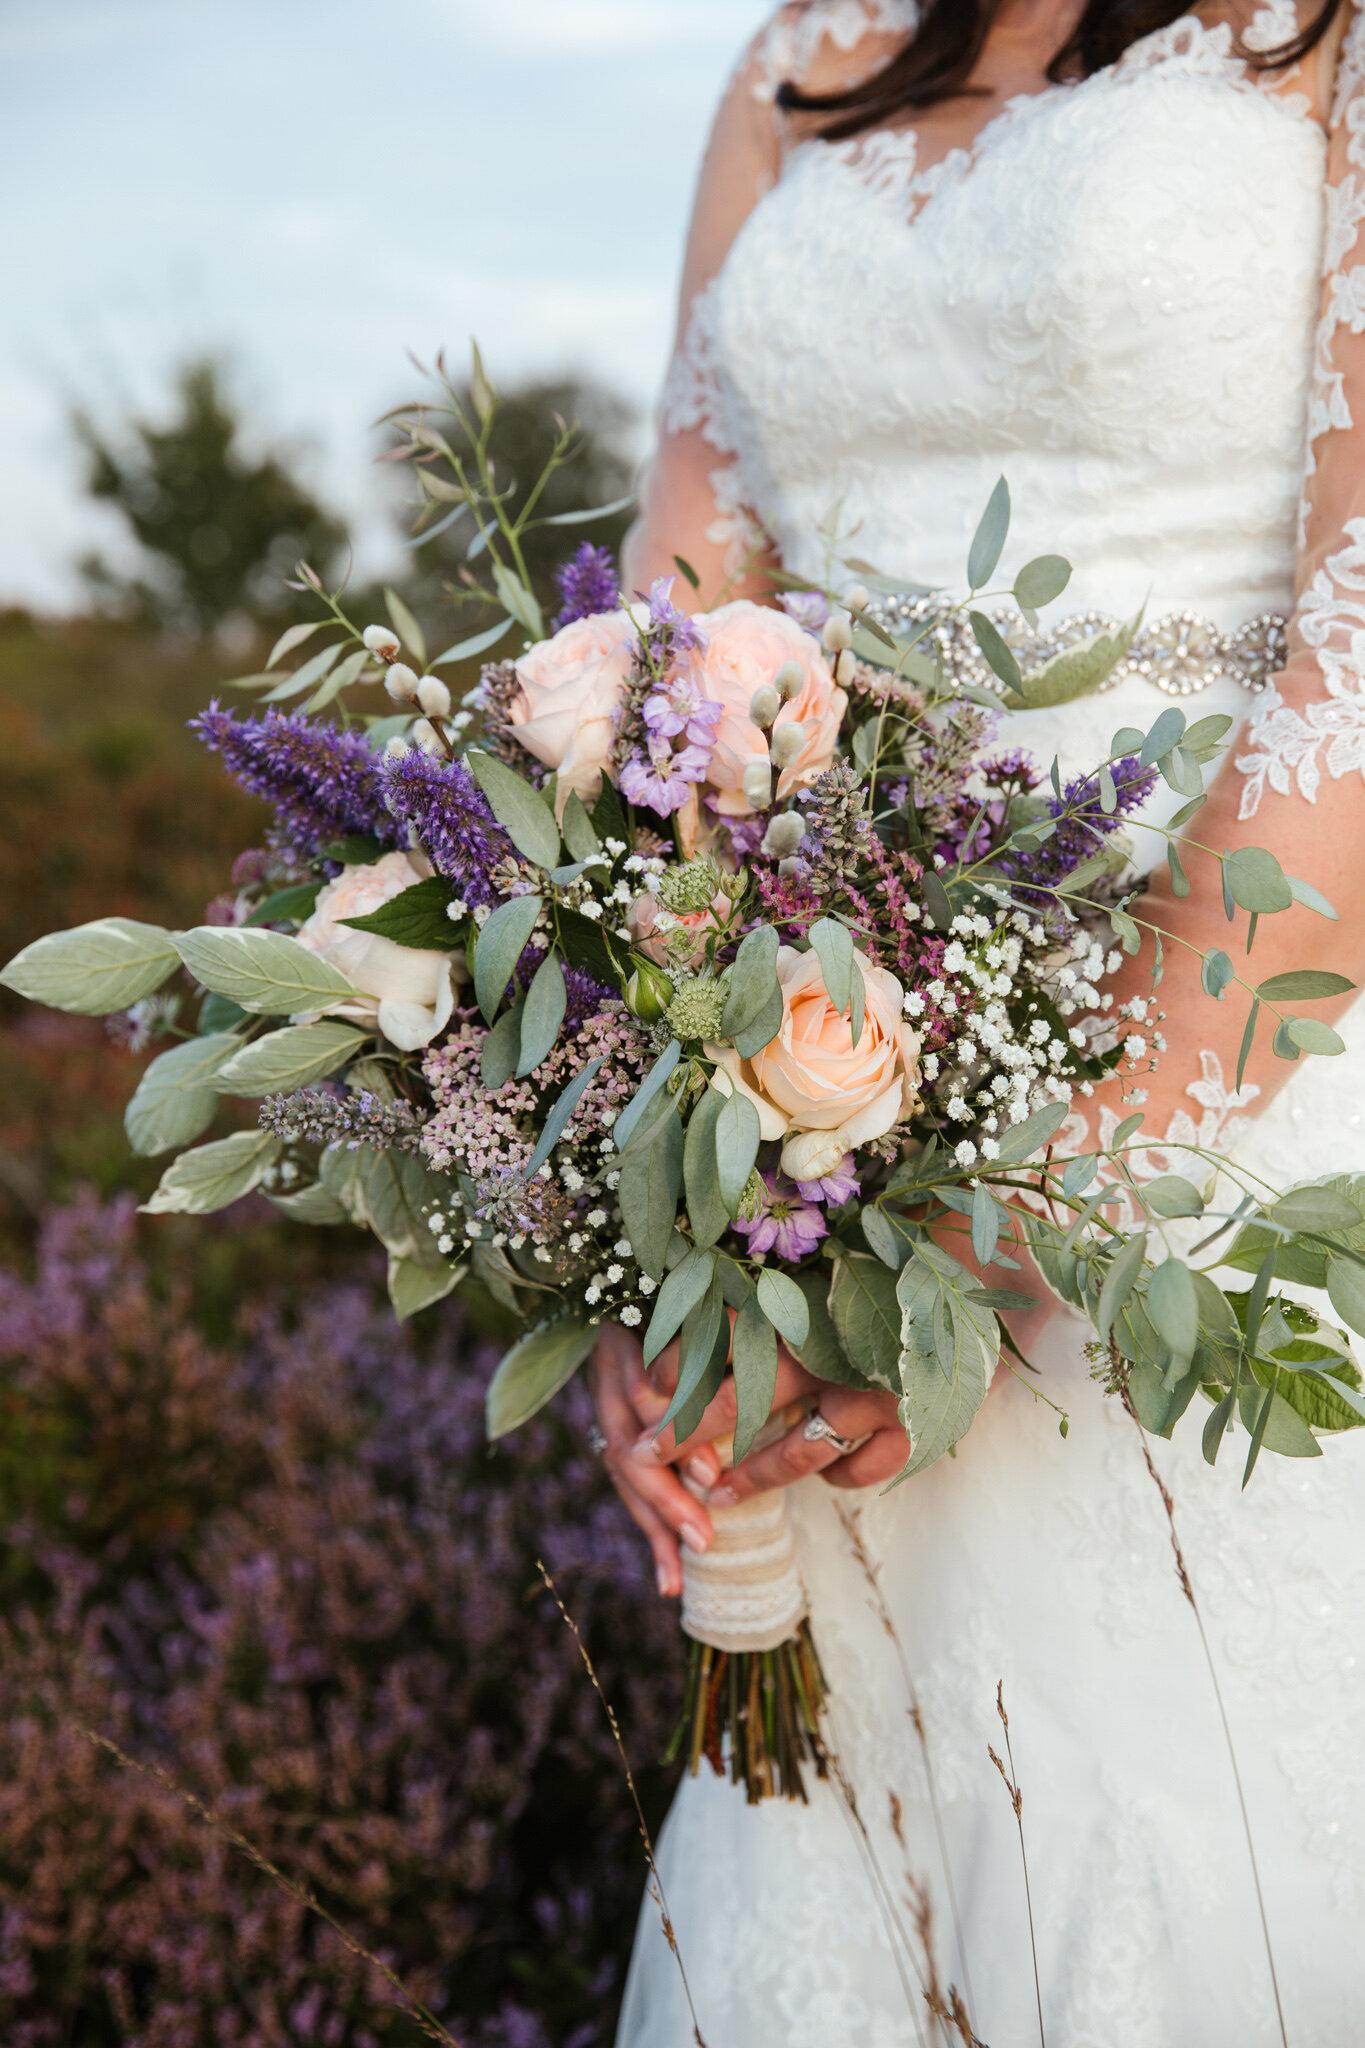 Leeds-Yorkshire-Wedding_Joanne-Crawford-101.JPG